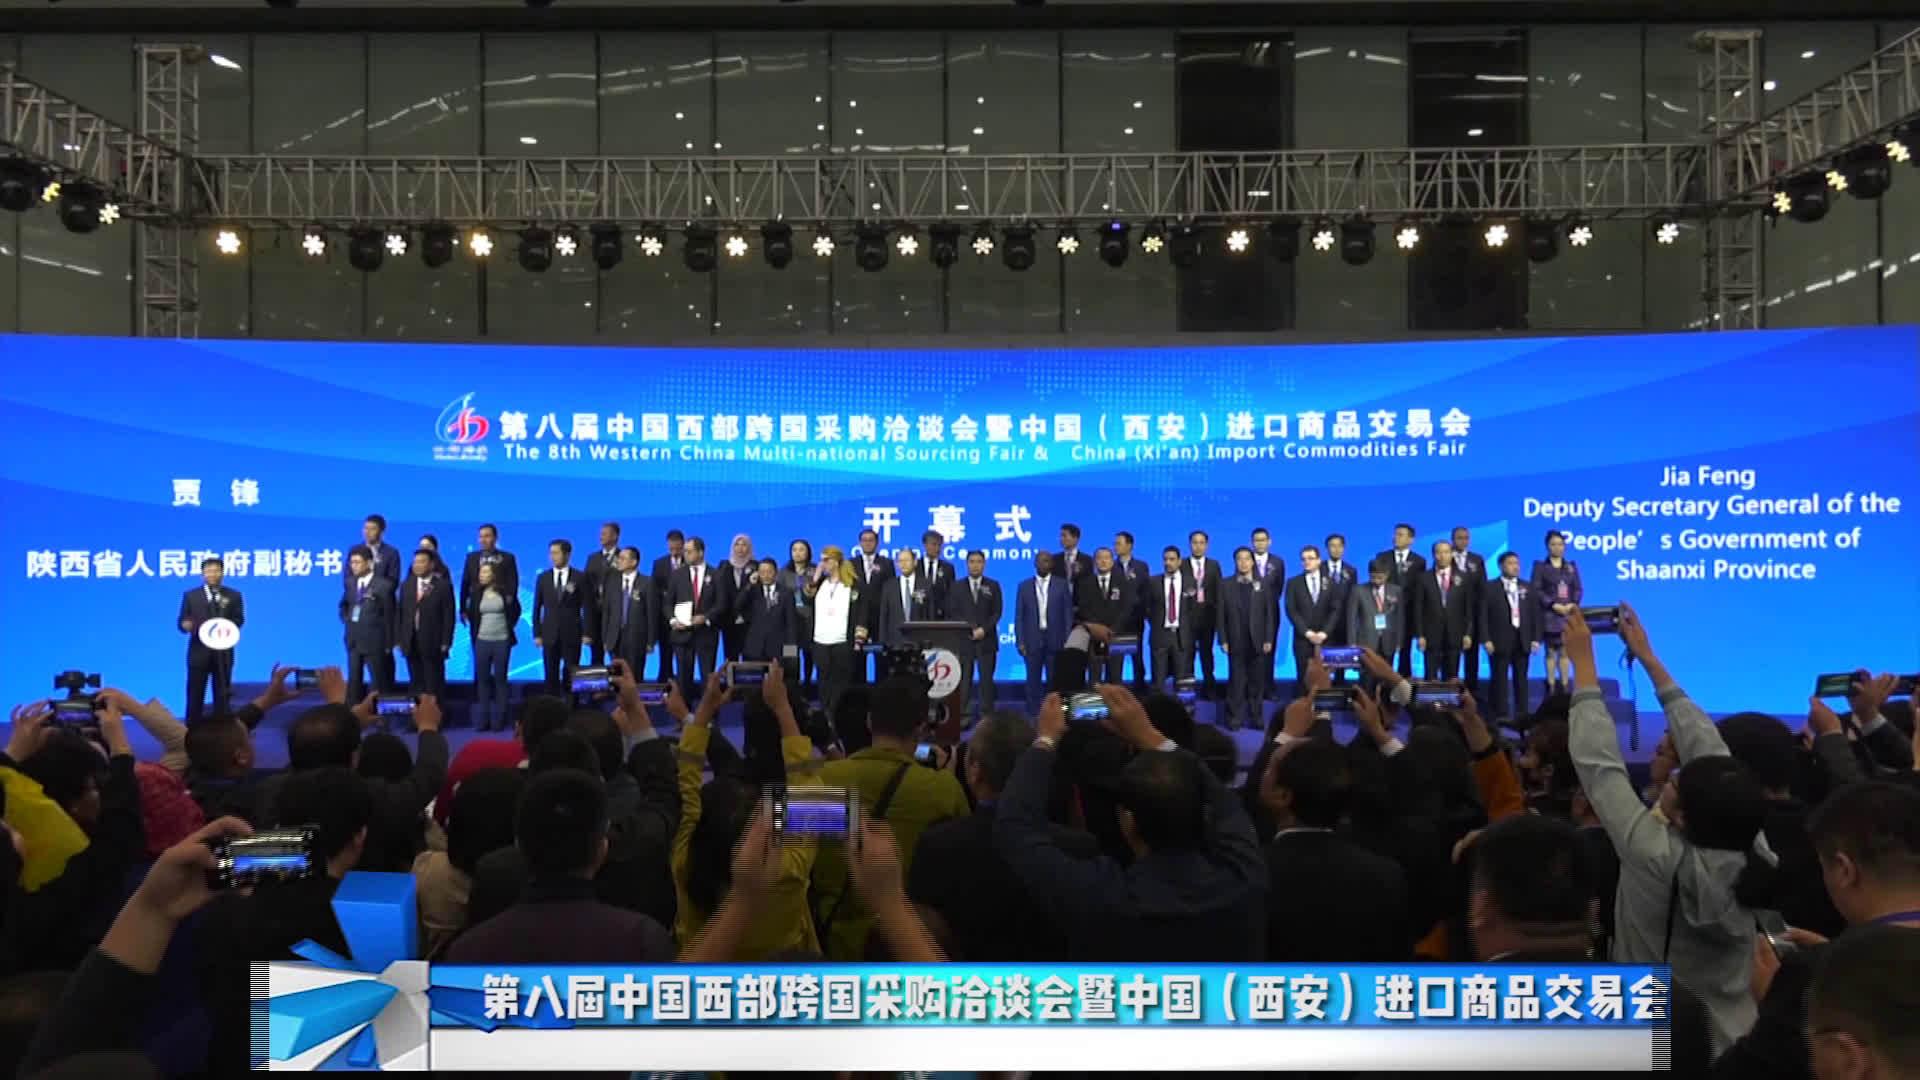 第八届中国西部跨国采购洽谈会暨中国(西安)进出口商品交易会圆满落幕